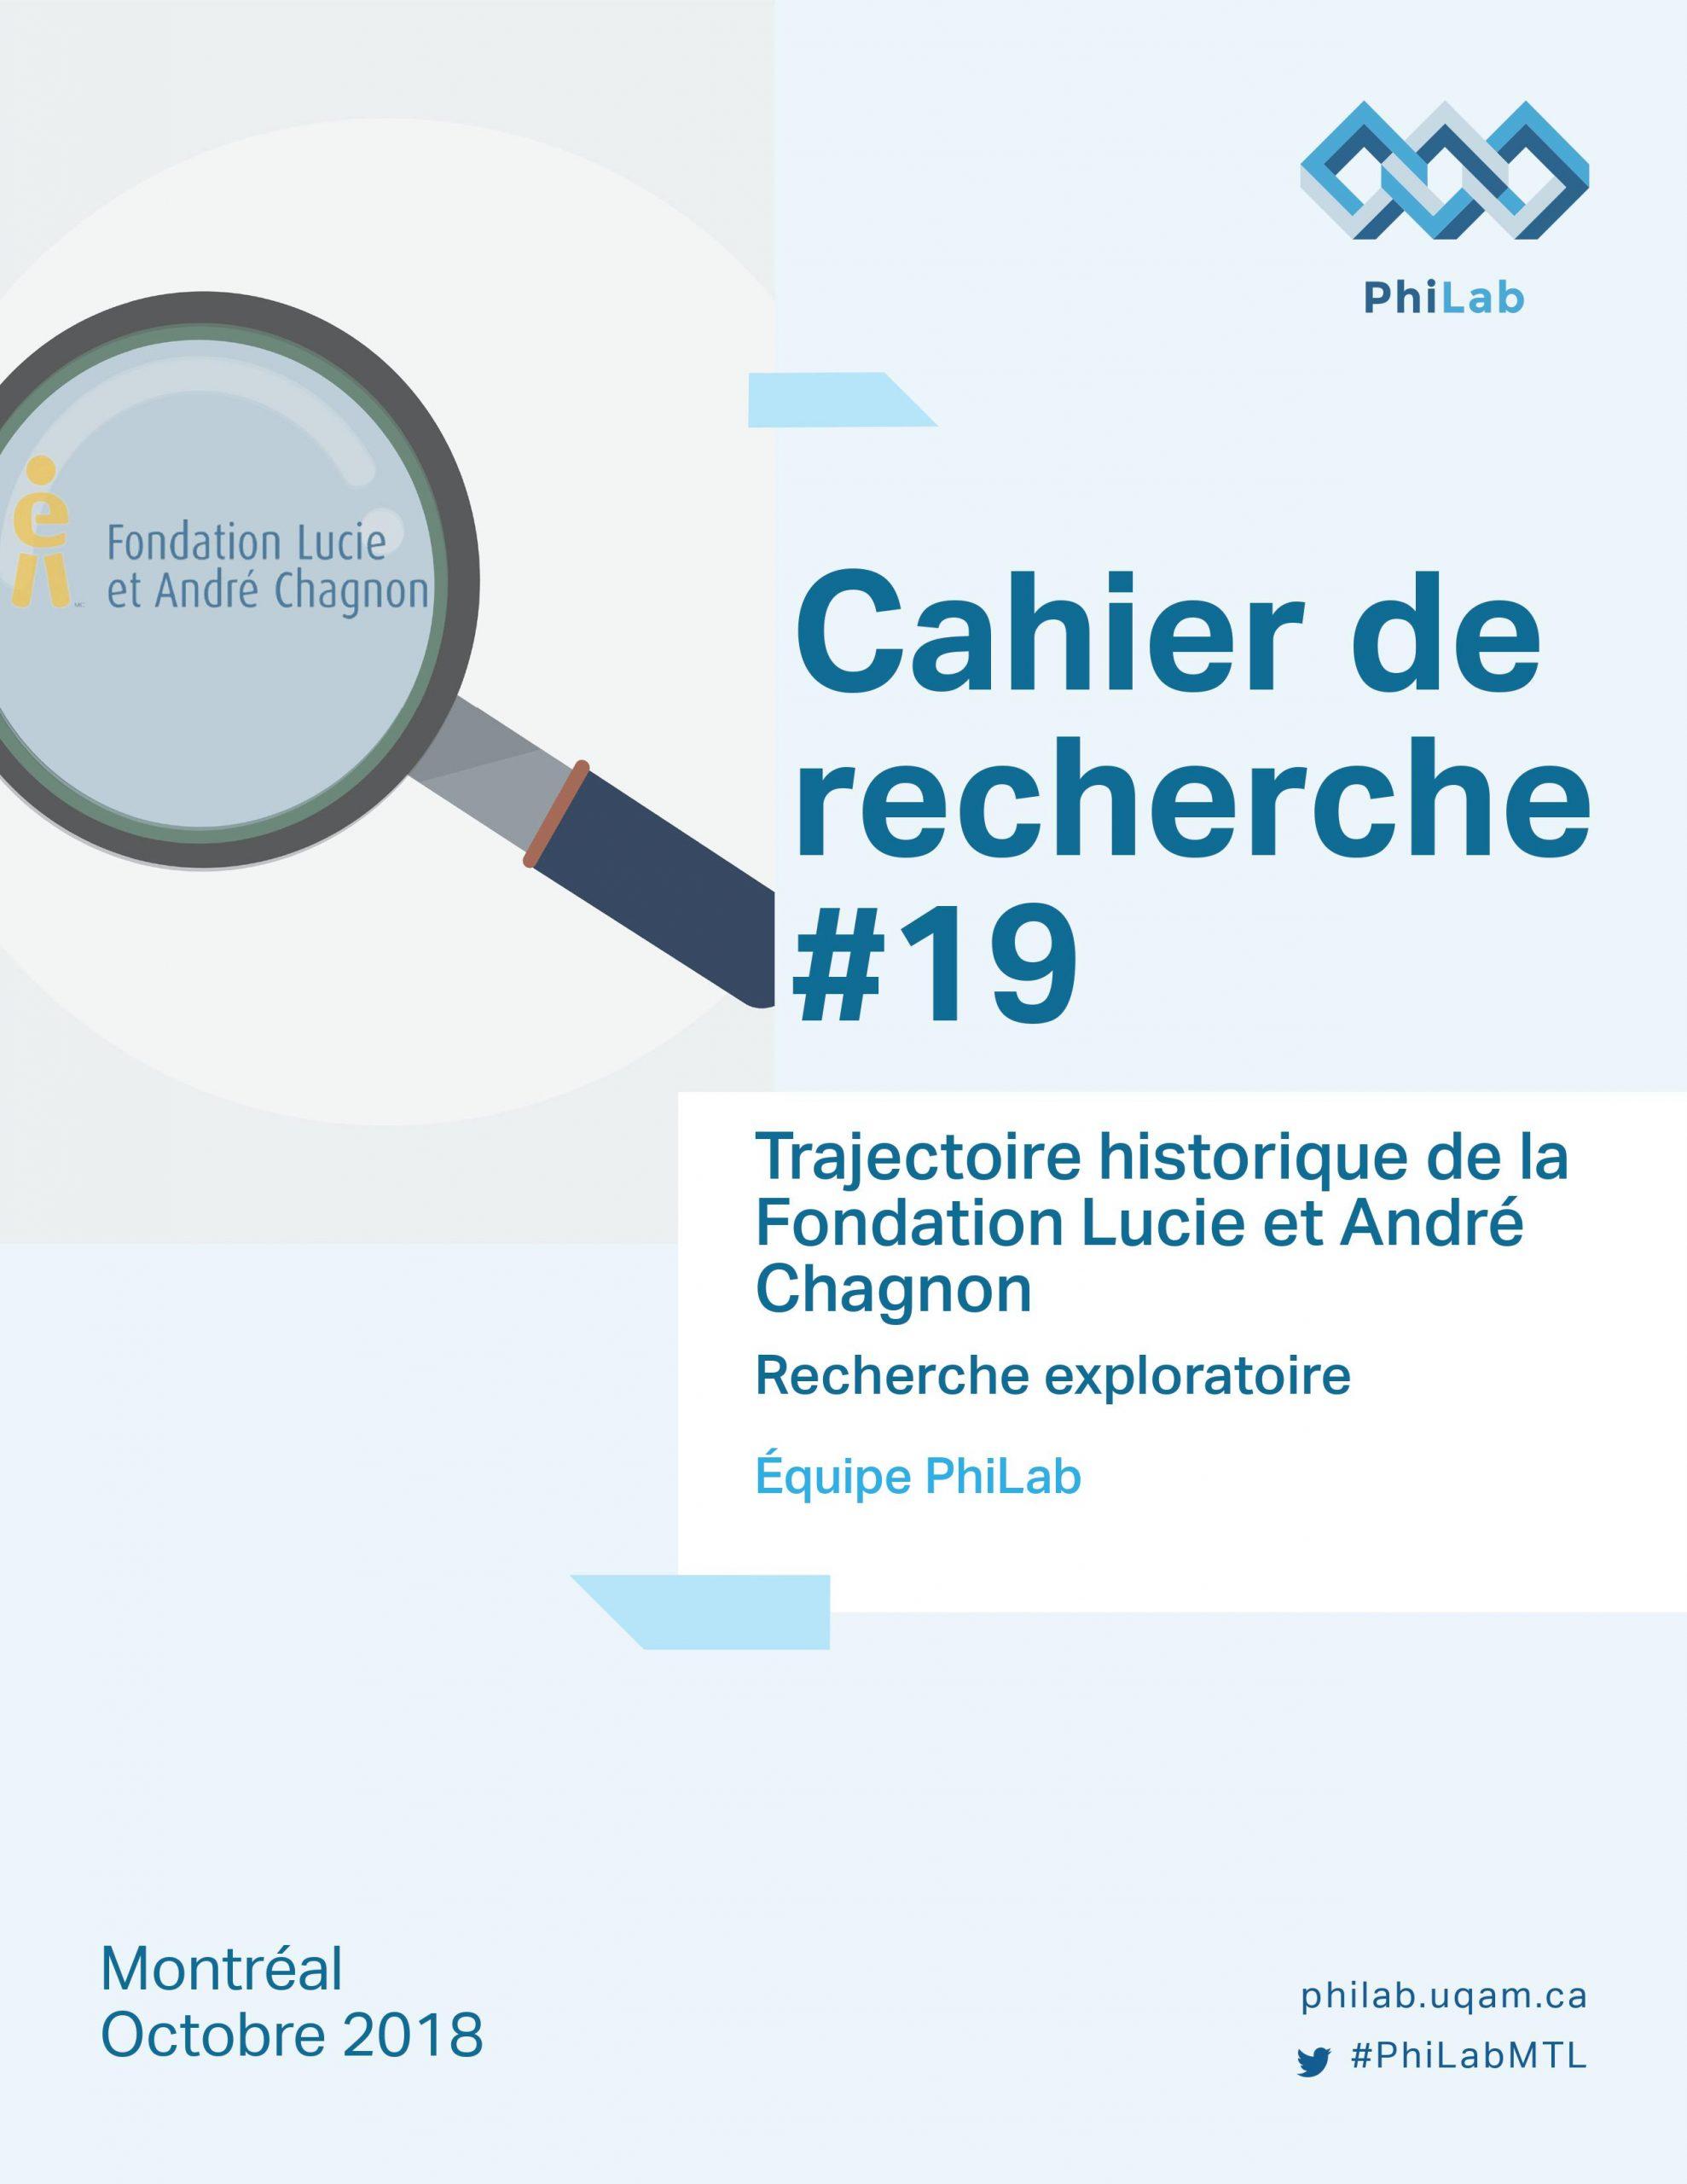 Trajectoire historique de la Fondation Lucie et André Chagnon